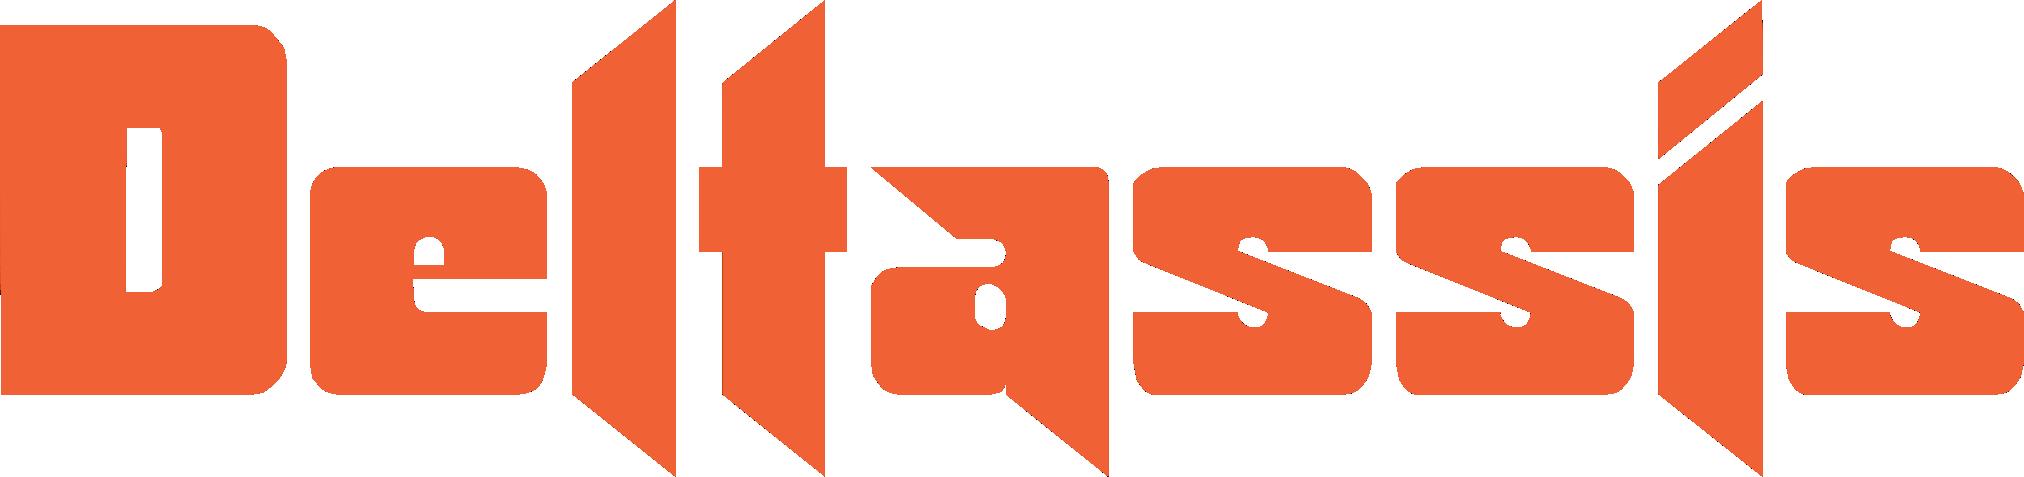 logotipo Deltassis Informática